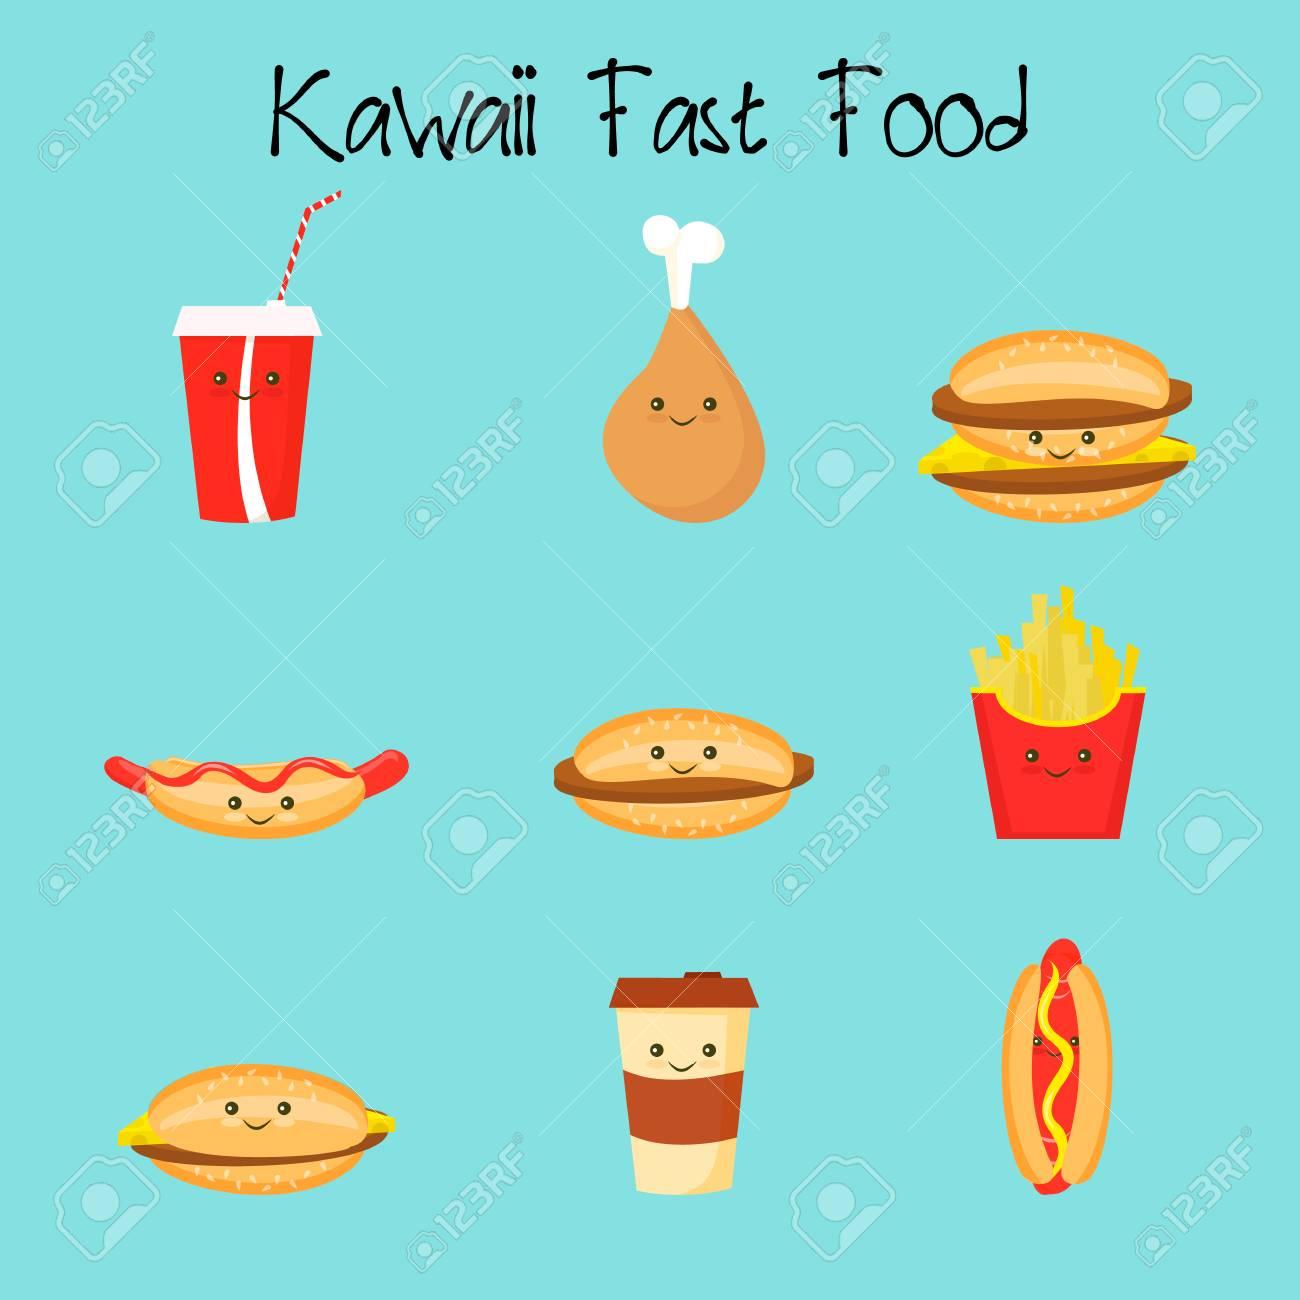 Pomme De Terre De Dessin Anime Cheeseburger Hamburger Poulet Hot Dogs De Cafe Kawaii Fastfood Clip Art Libres De Droits Vecteurs Et Illustration Image 73428885